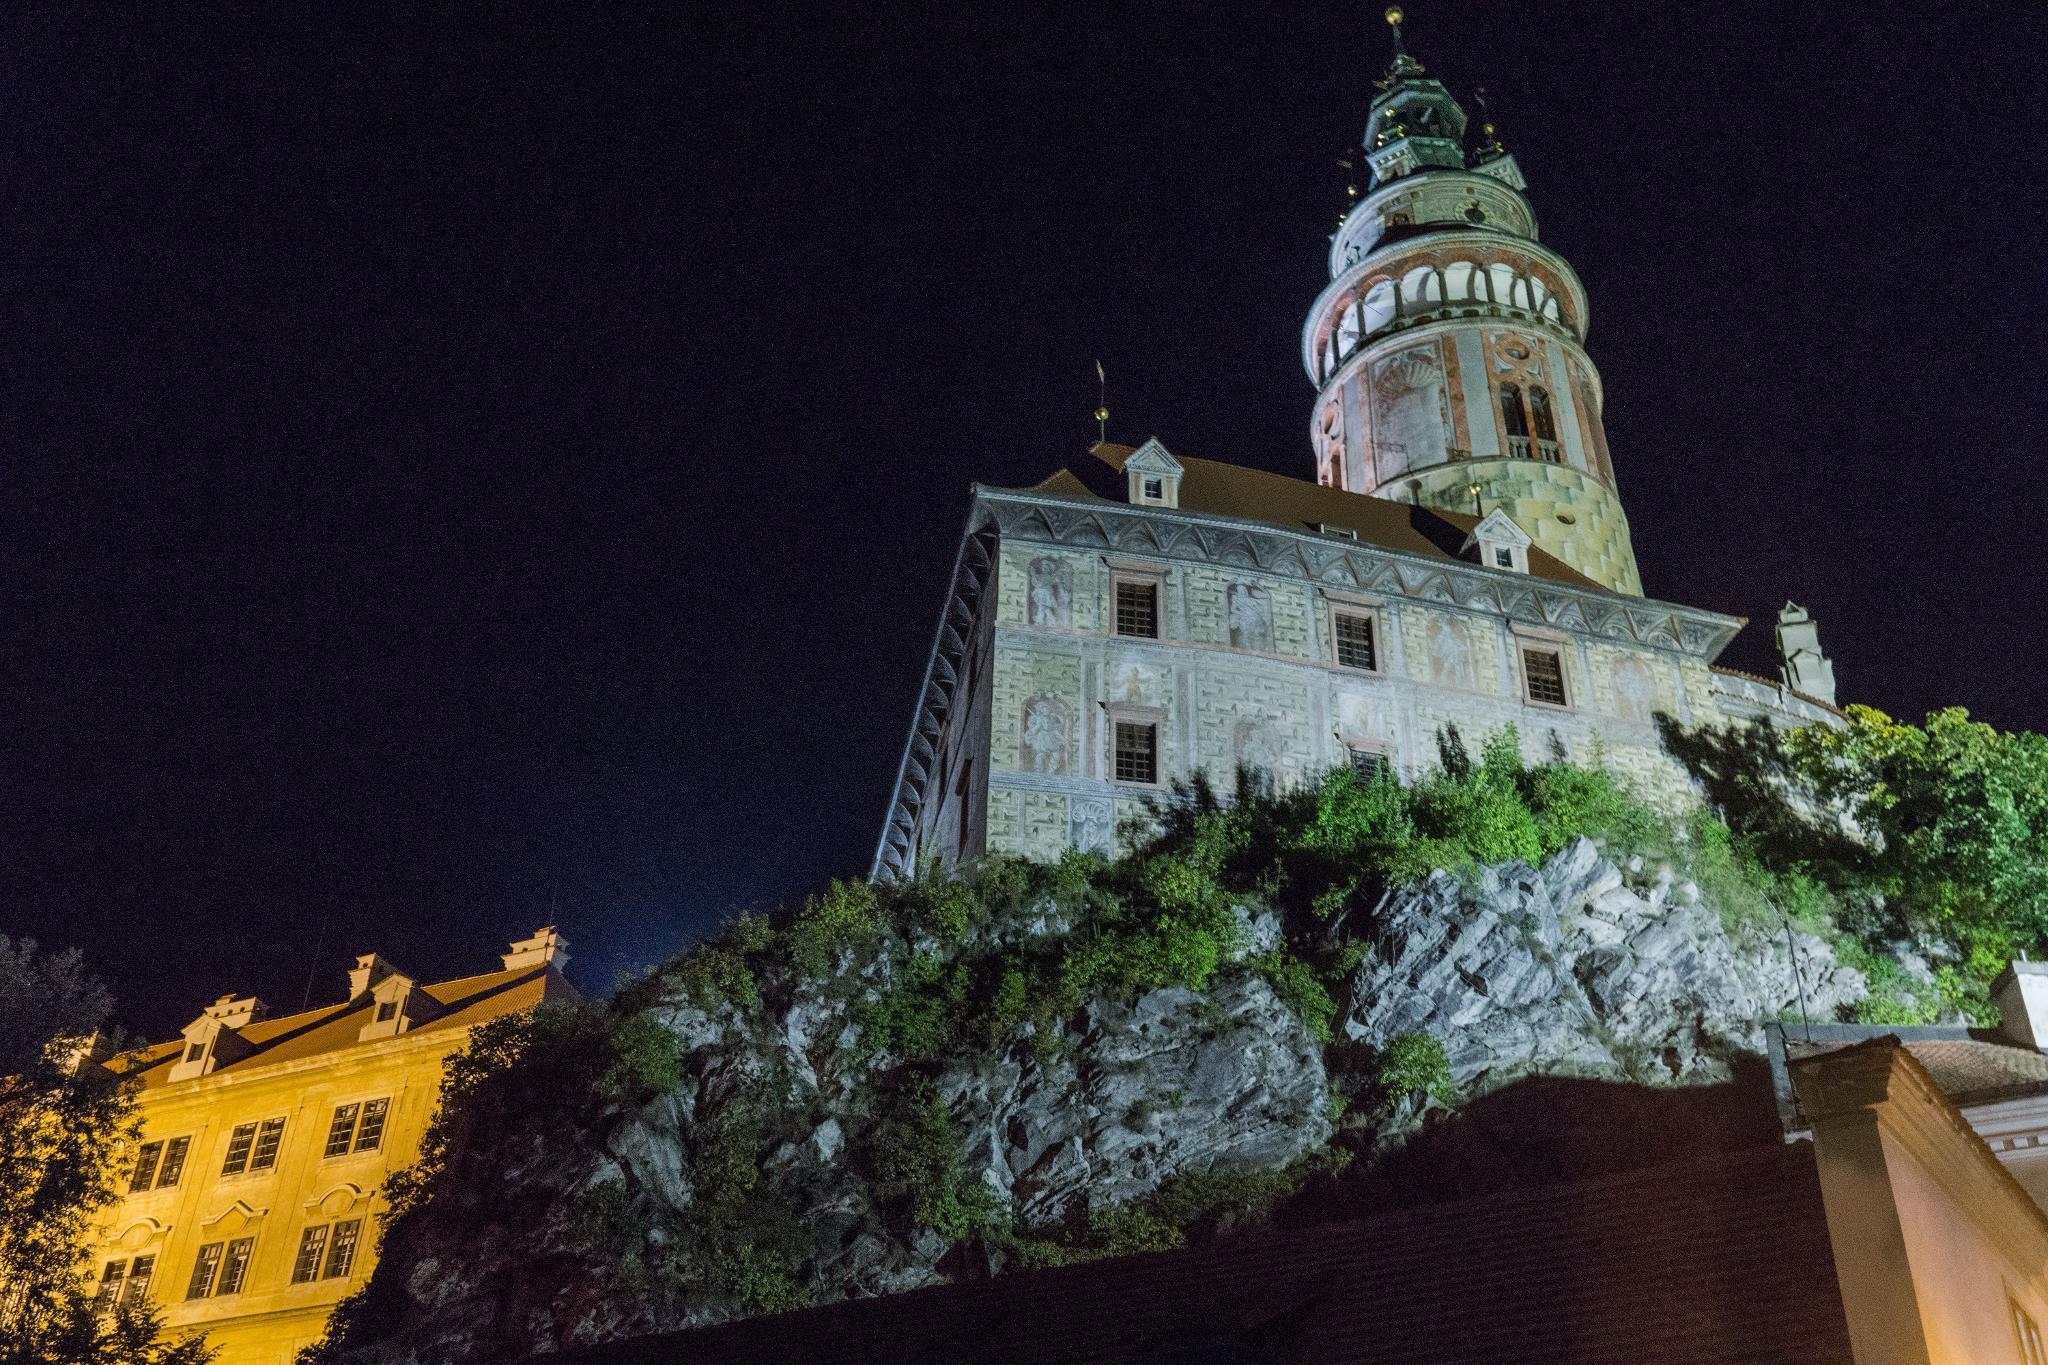 【捷克】行家推薦:Český Krumlov 庫倫洛夫攝影點總整理 & 私房夜景大公開! 35